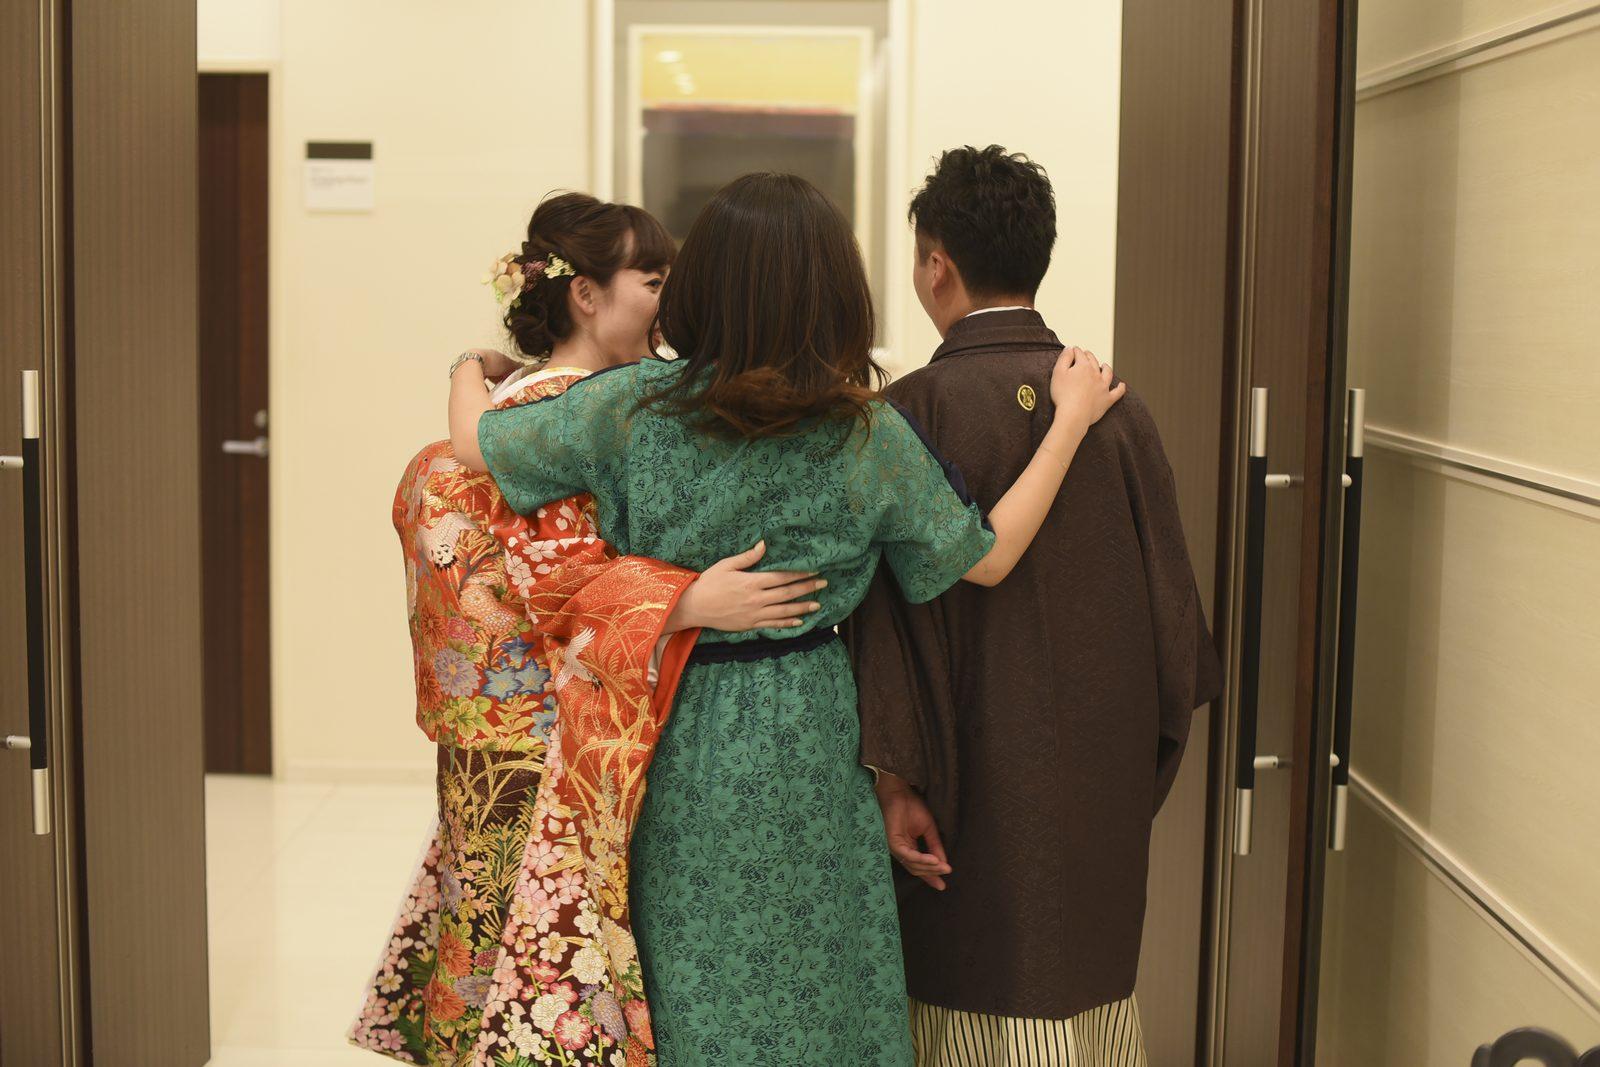 徳島市の結婚式場ブランアンジュで退場しながらほっとした様子の新郎新婦様